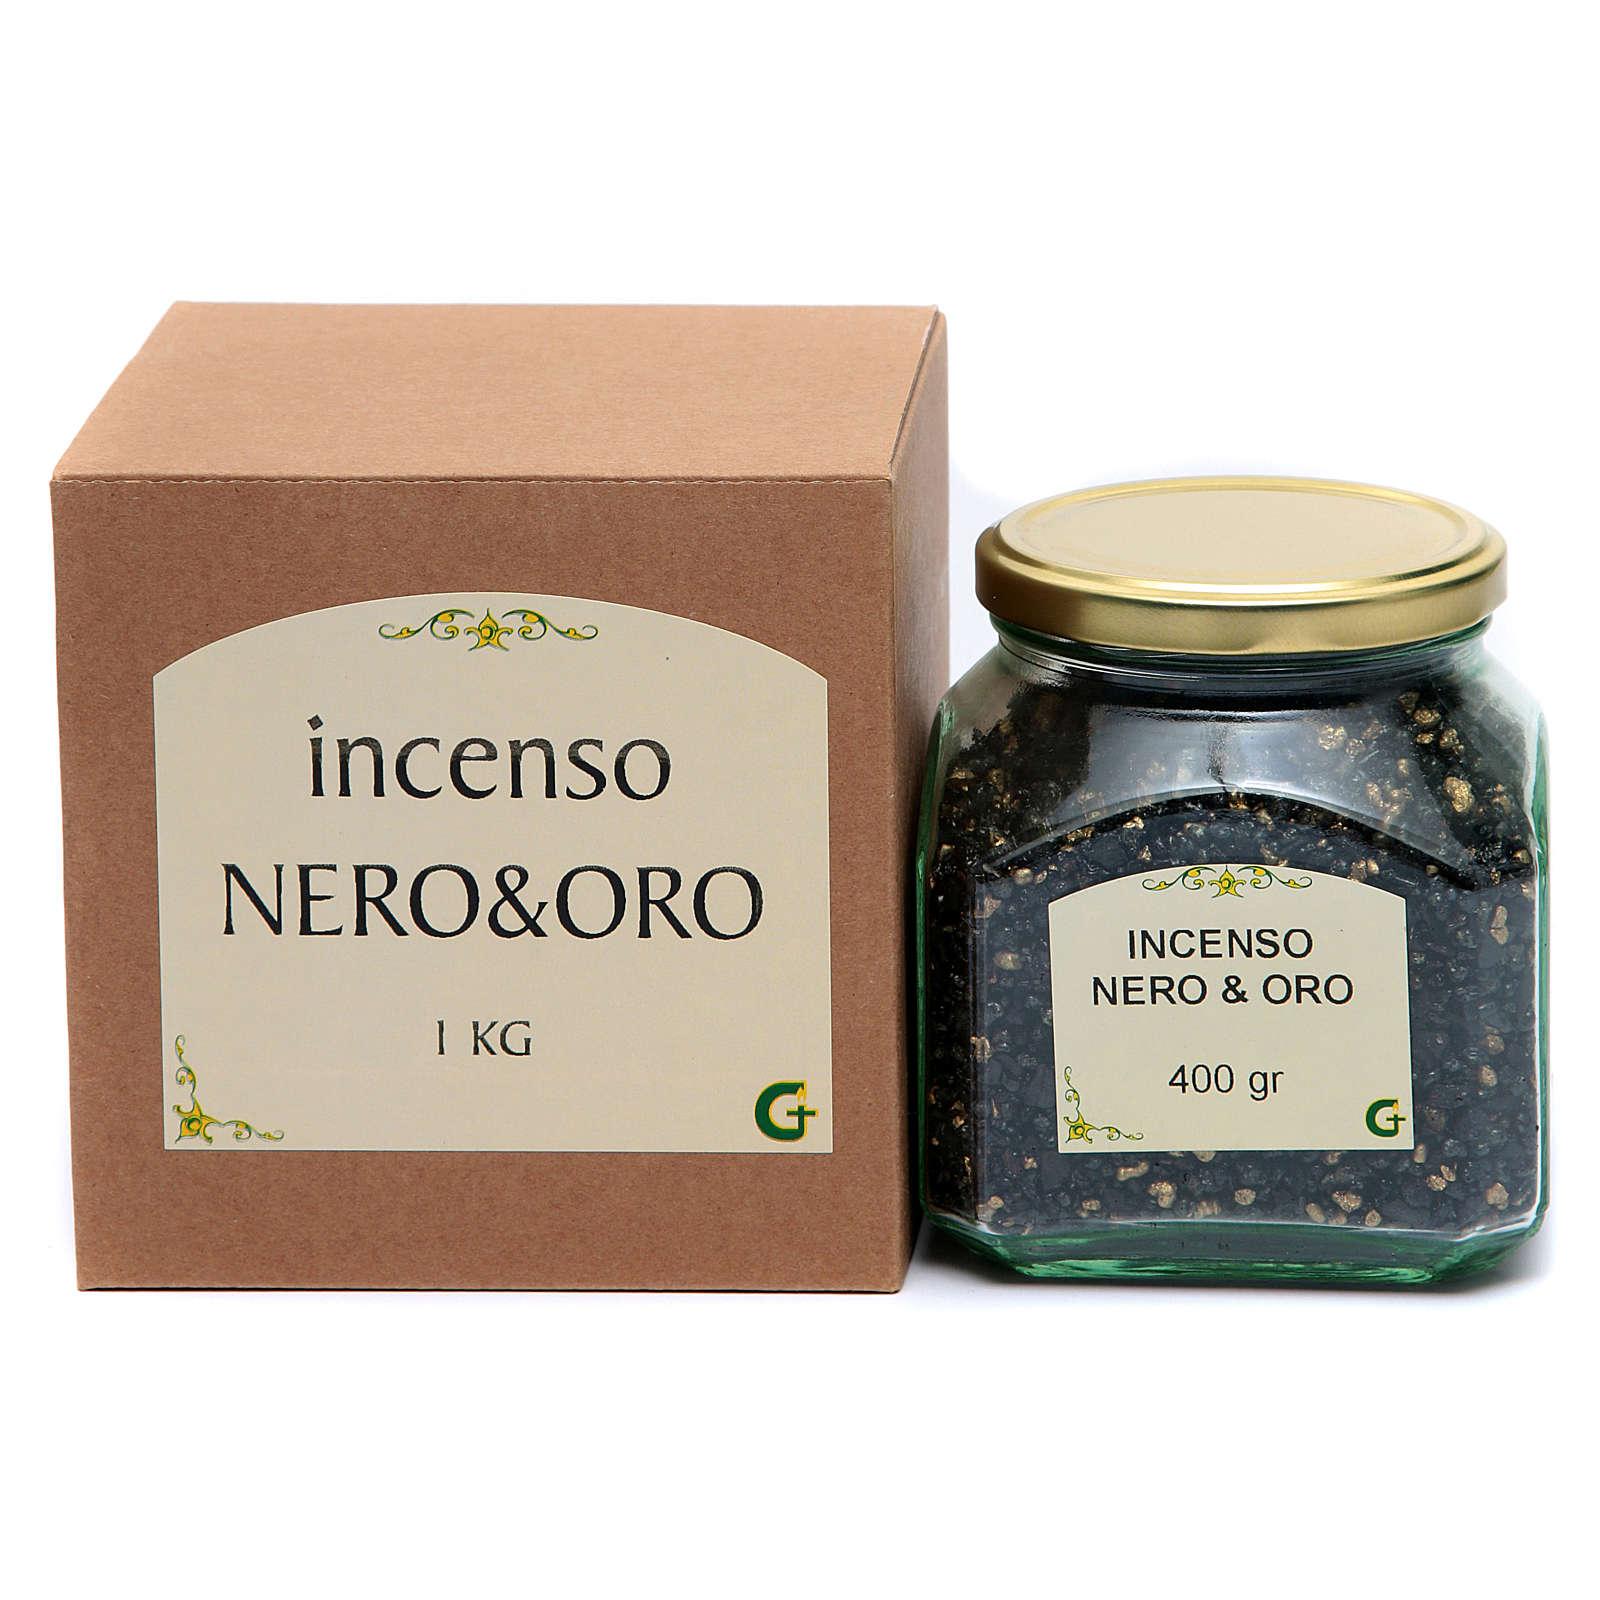 Incienso Negro & Oro 3